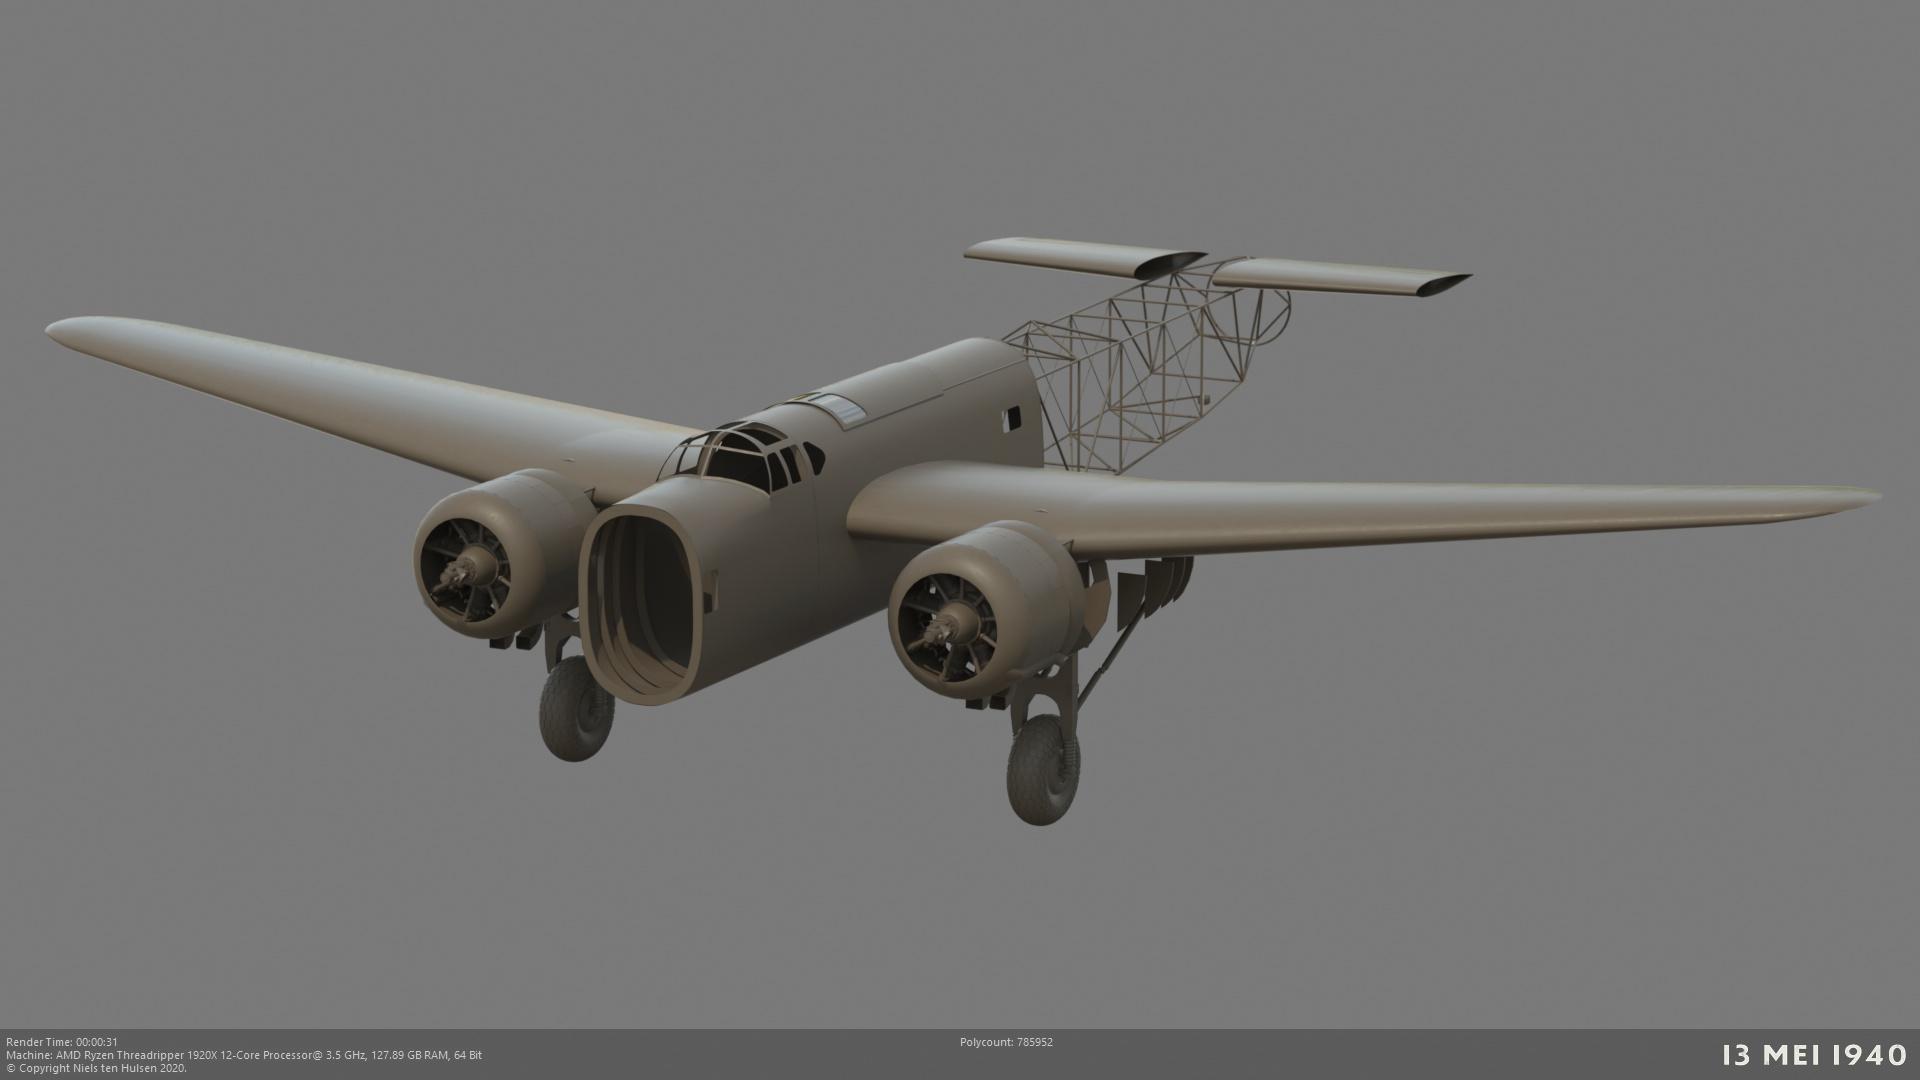 Naam: 001_FokkerT5_motor12.jpg Bekeken: 156 Grootte: 188,3 KB